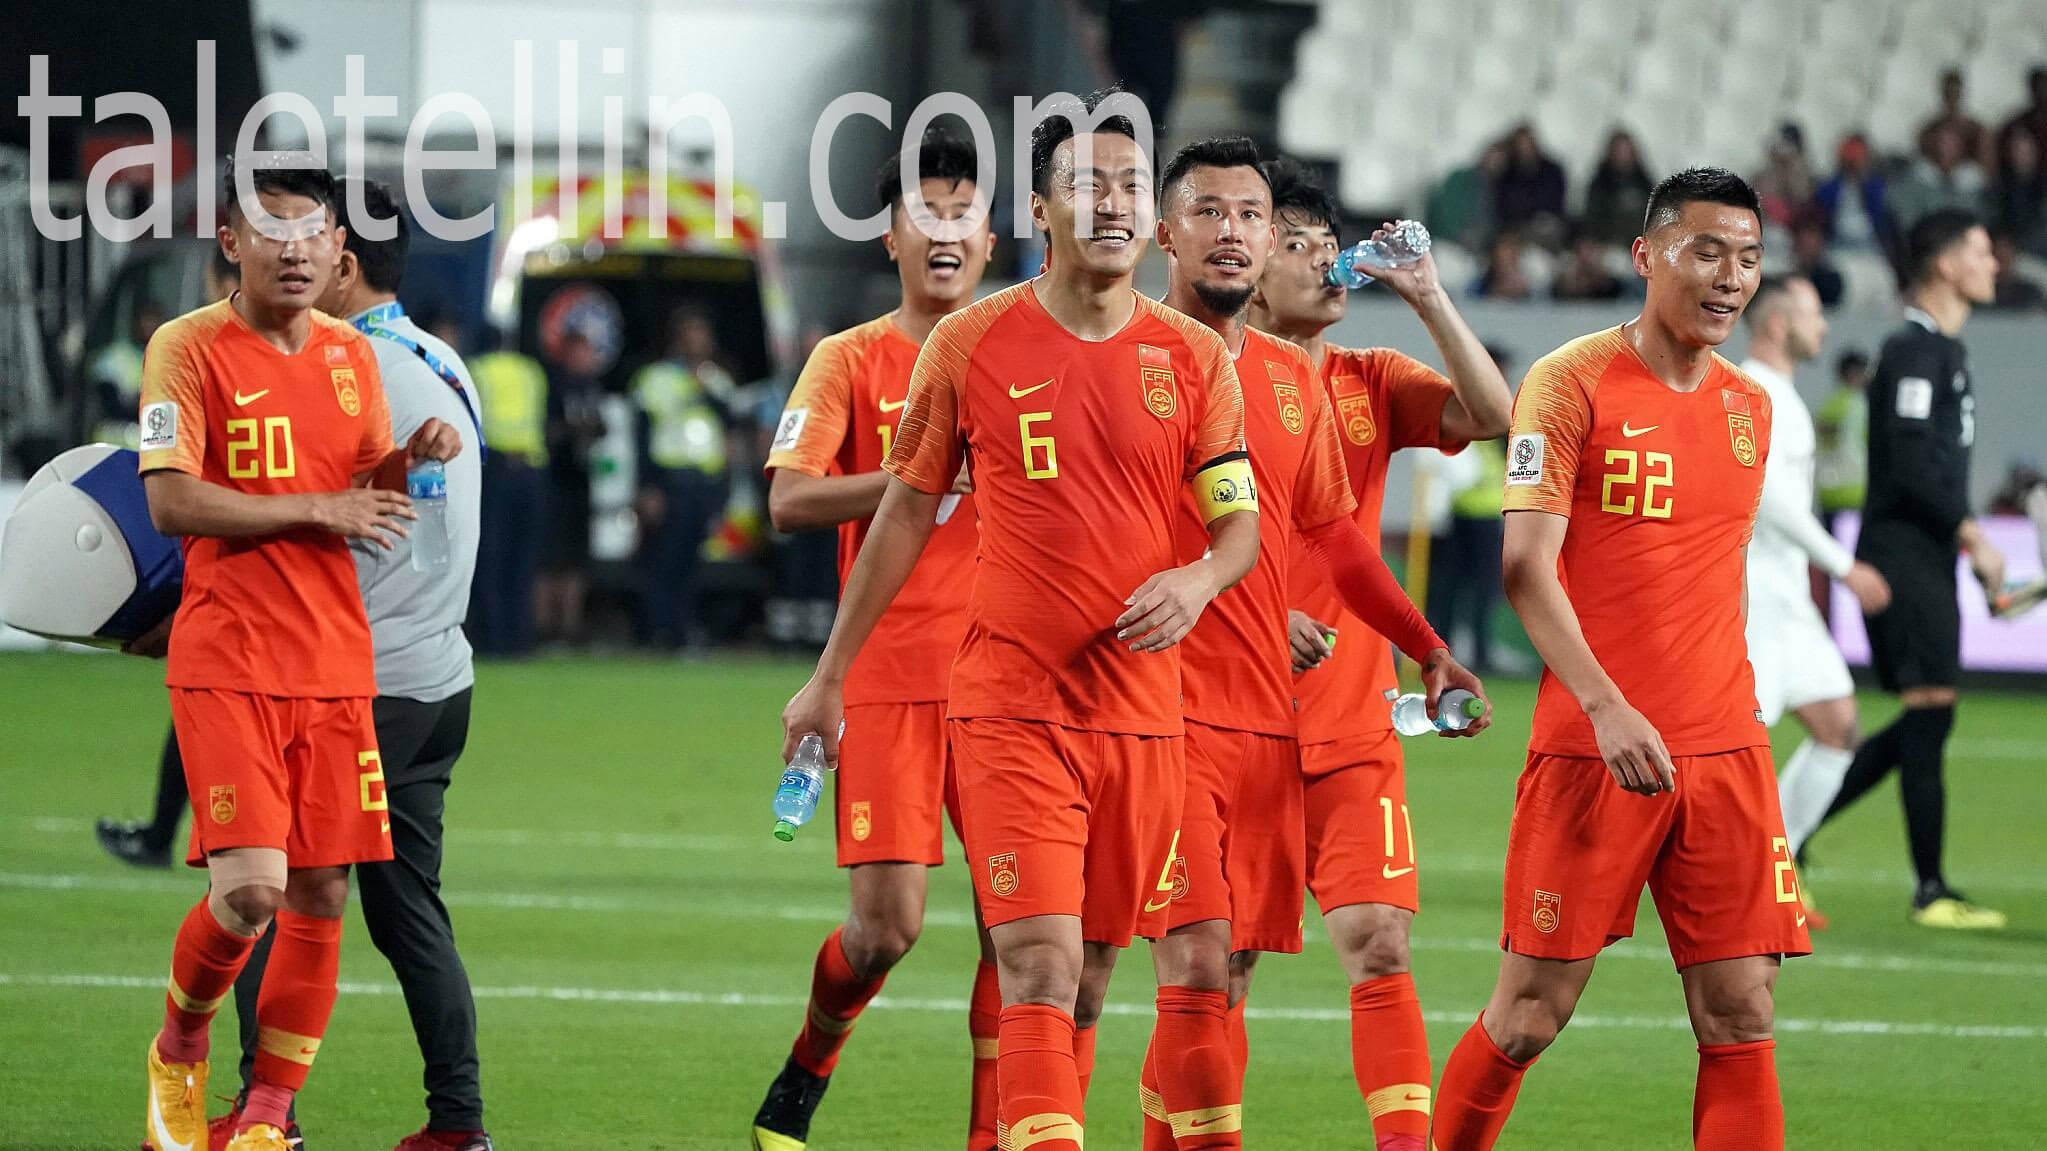 แมนเชสเตอร์ยูไนเต็ด ทักทายโค้ชฟุตบอลประเทศจีน